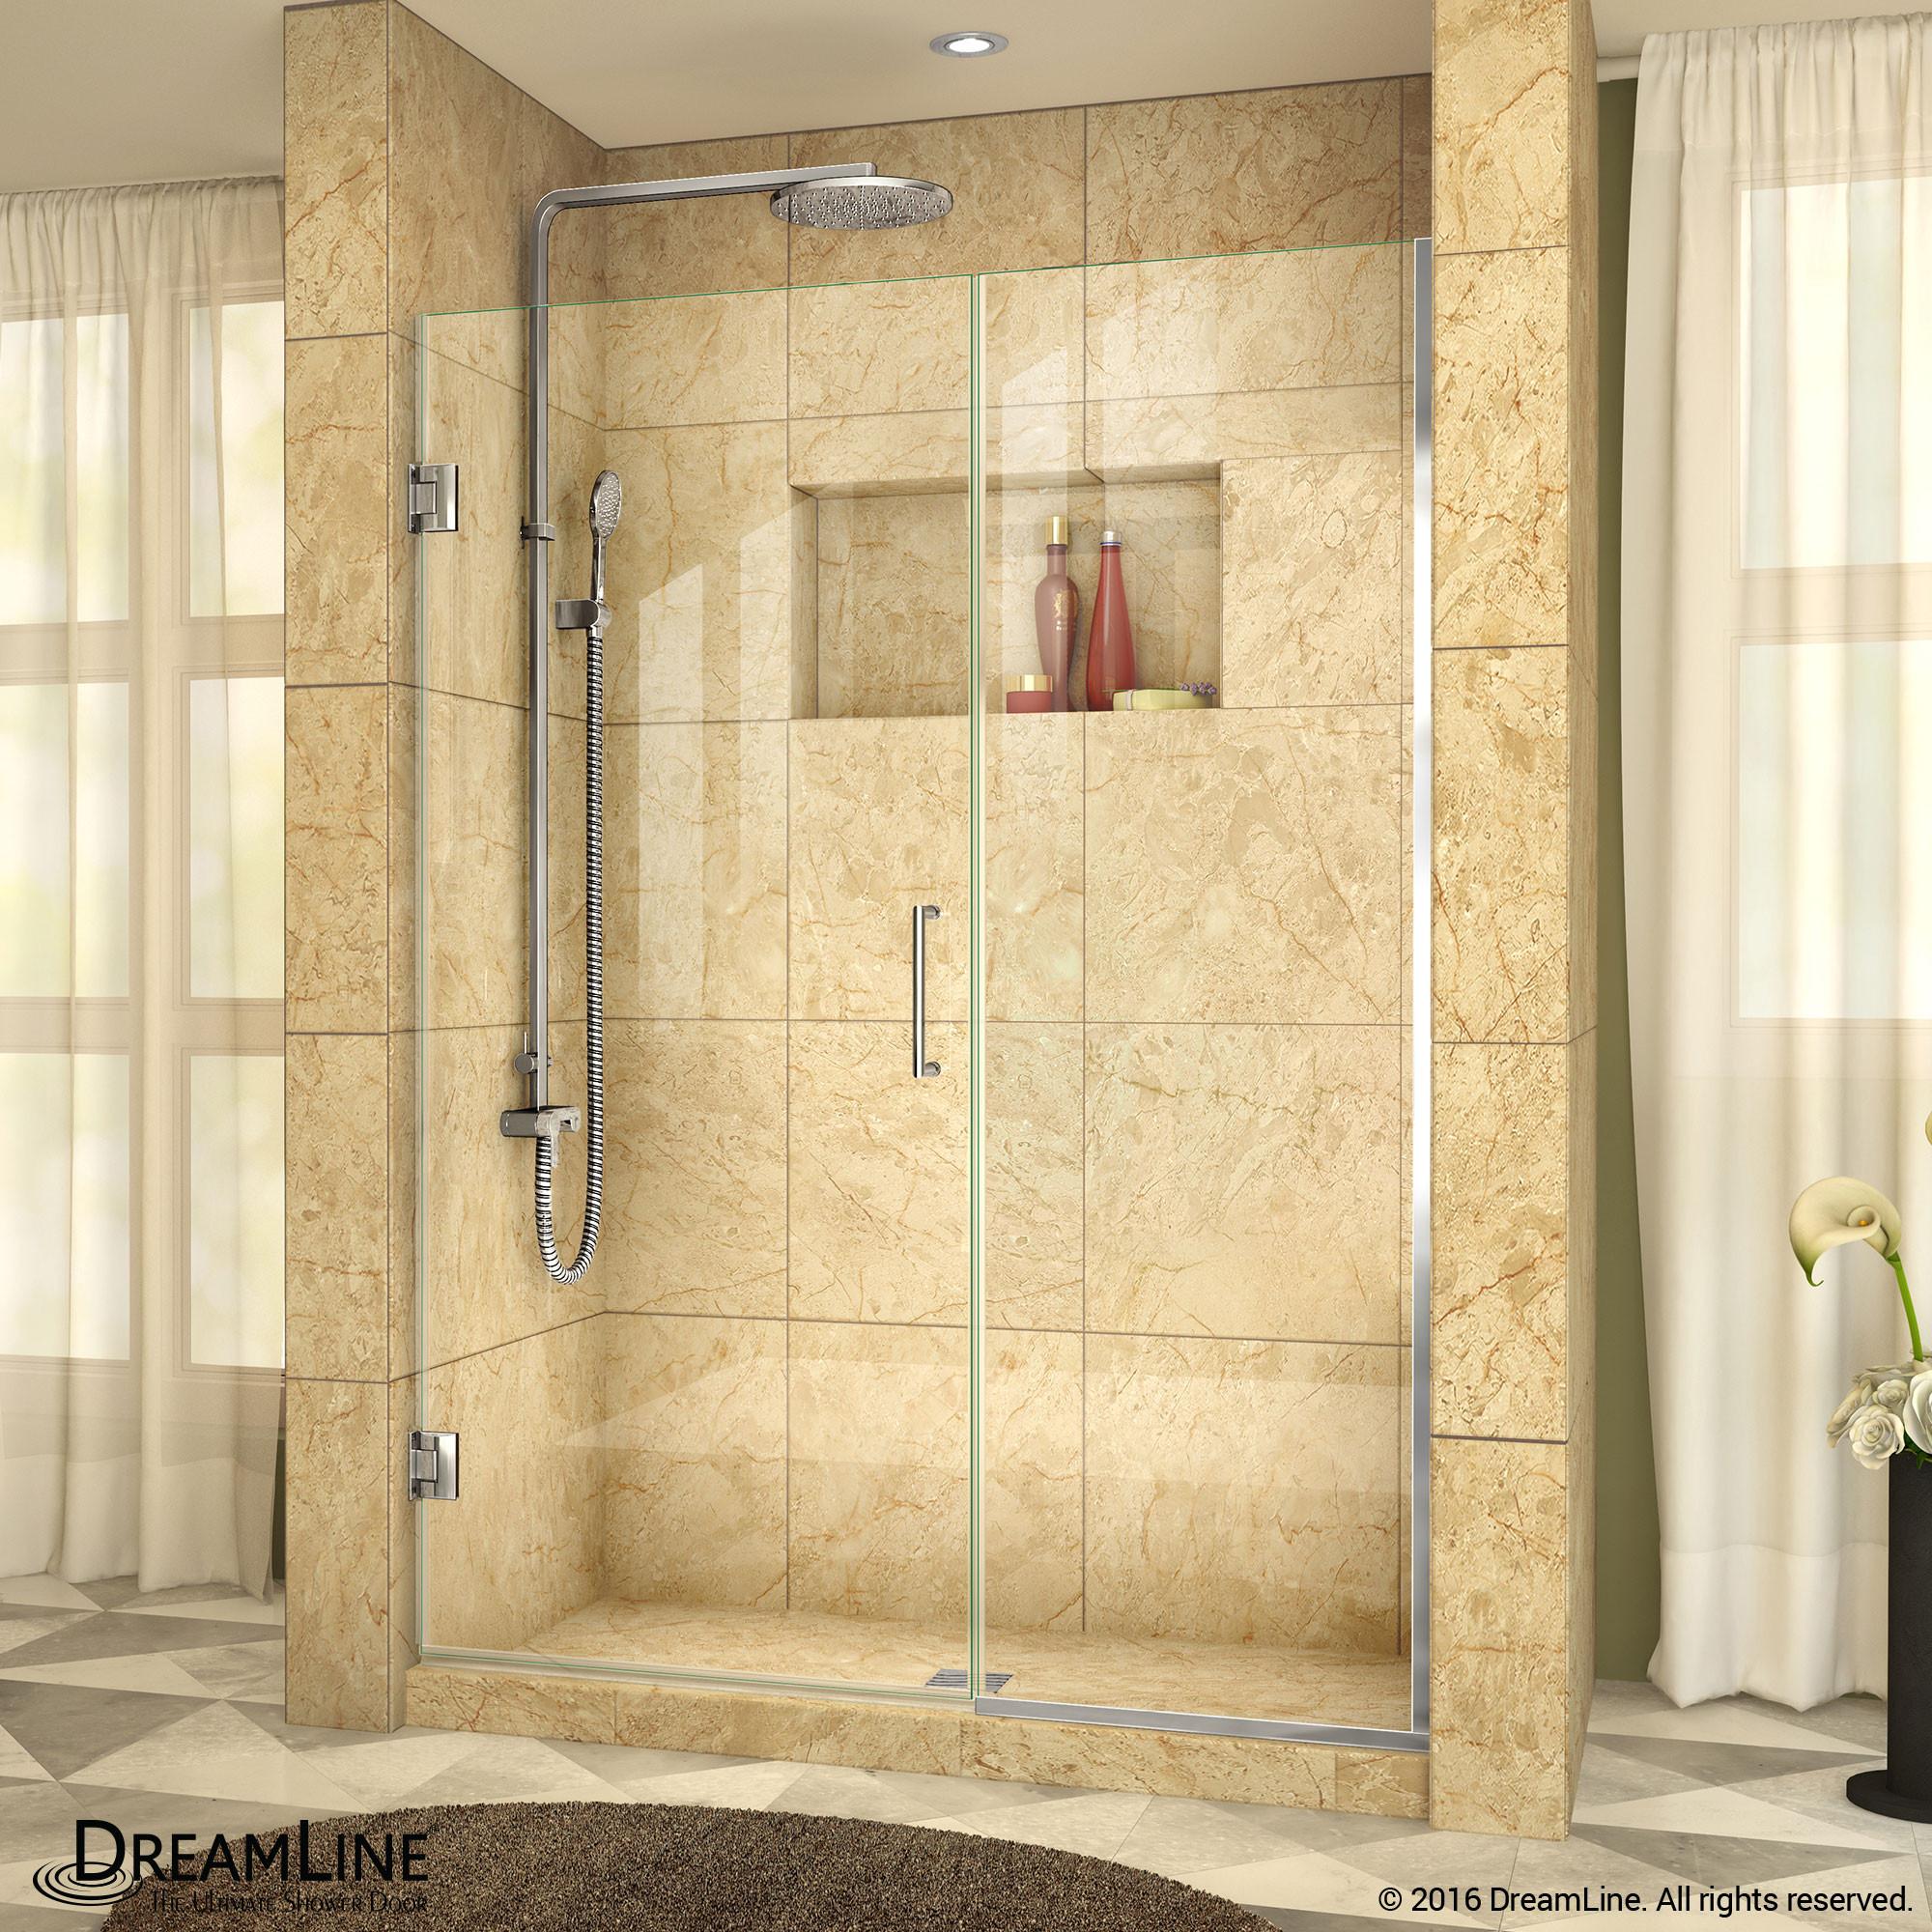 DreamLine SHDR-244757210-01 Unidoor Plus Hinged Shower Door In Chrome Hardware